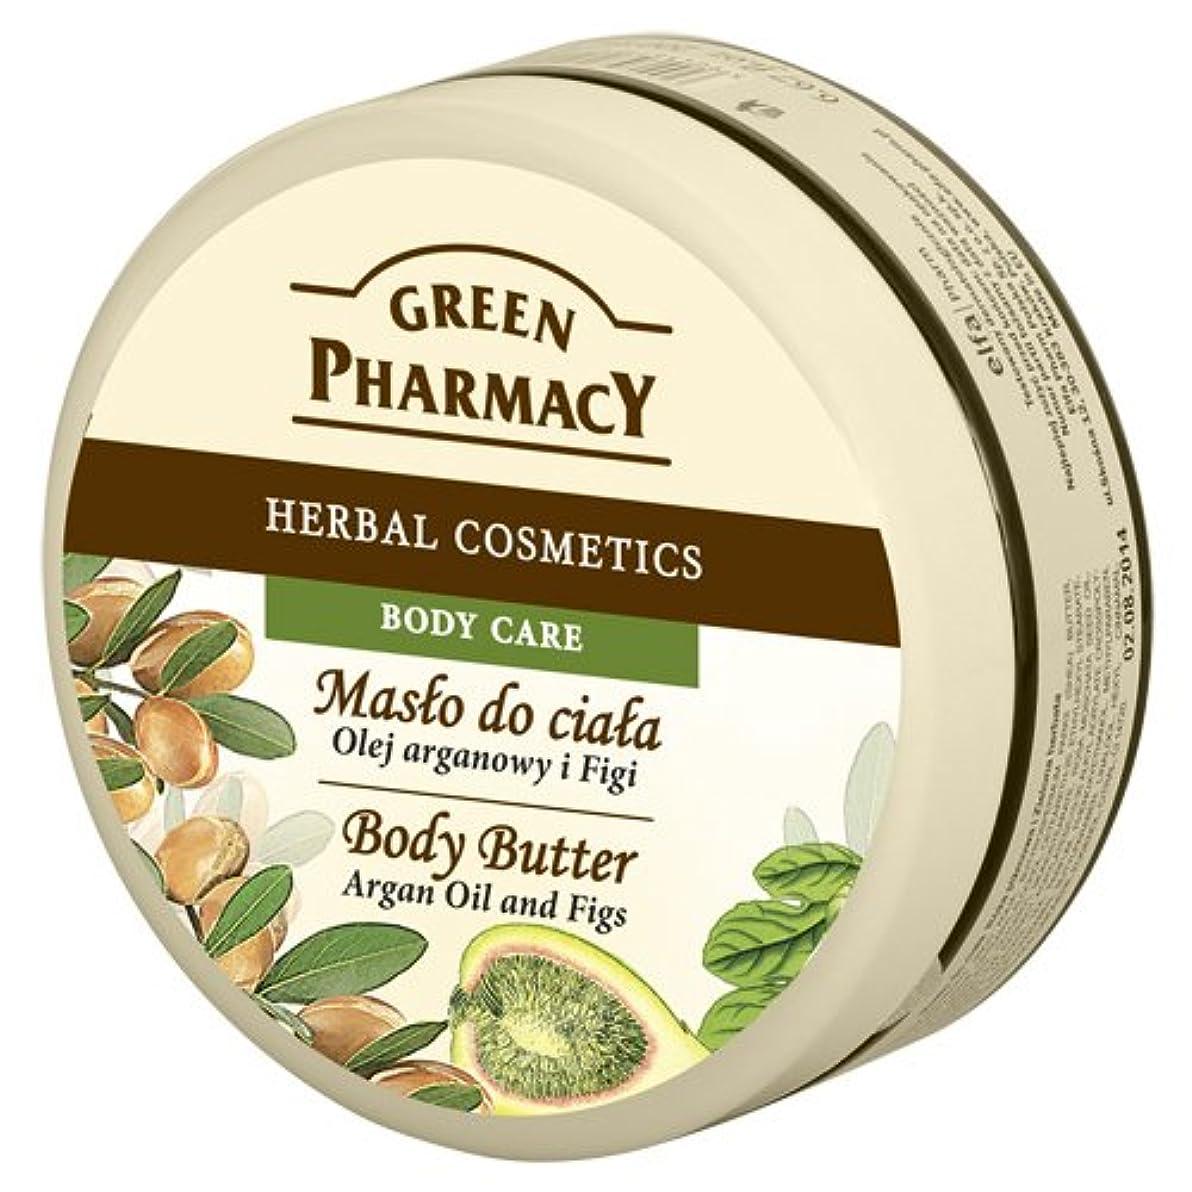 調停者小さな立ち向かうElfa Pharm Green Pharmacy グリーンファーマシー Body Butter ボディバター Argan Oil and Figs